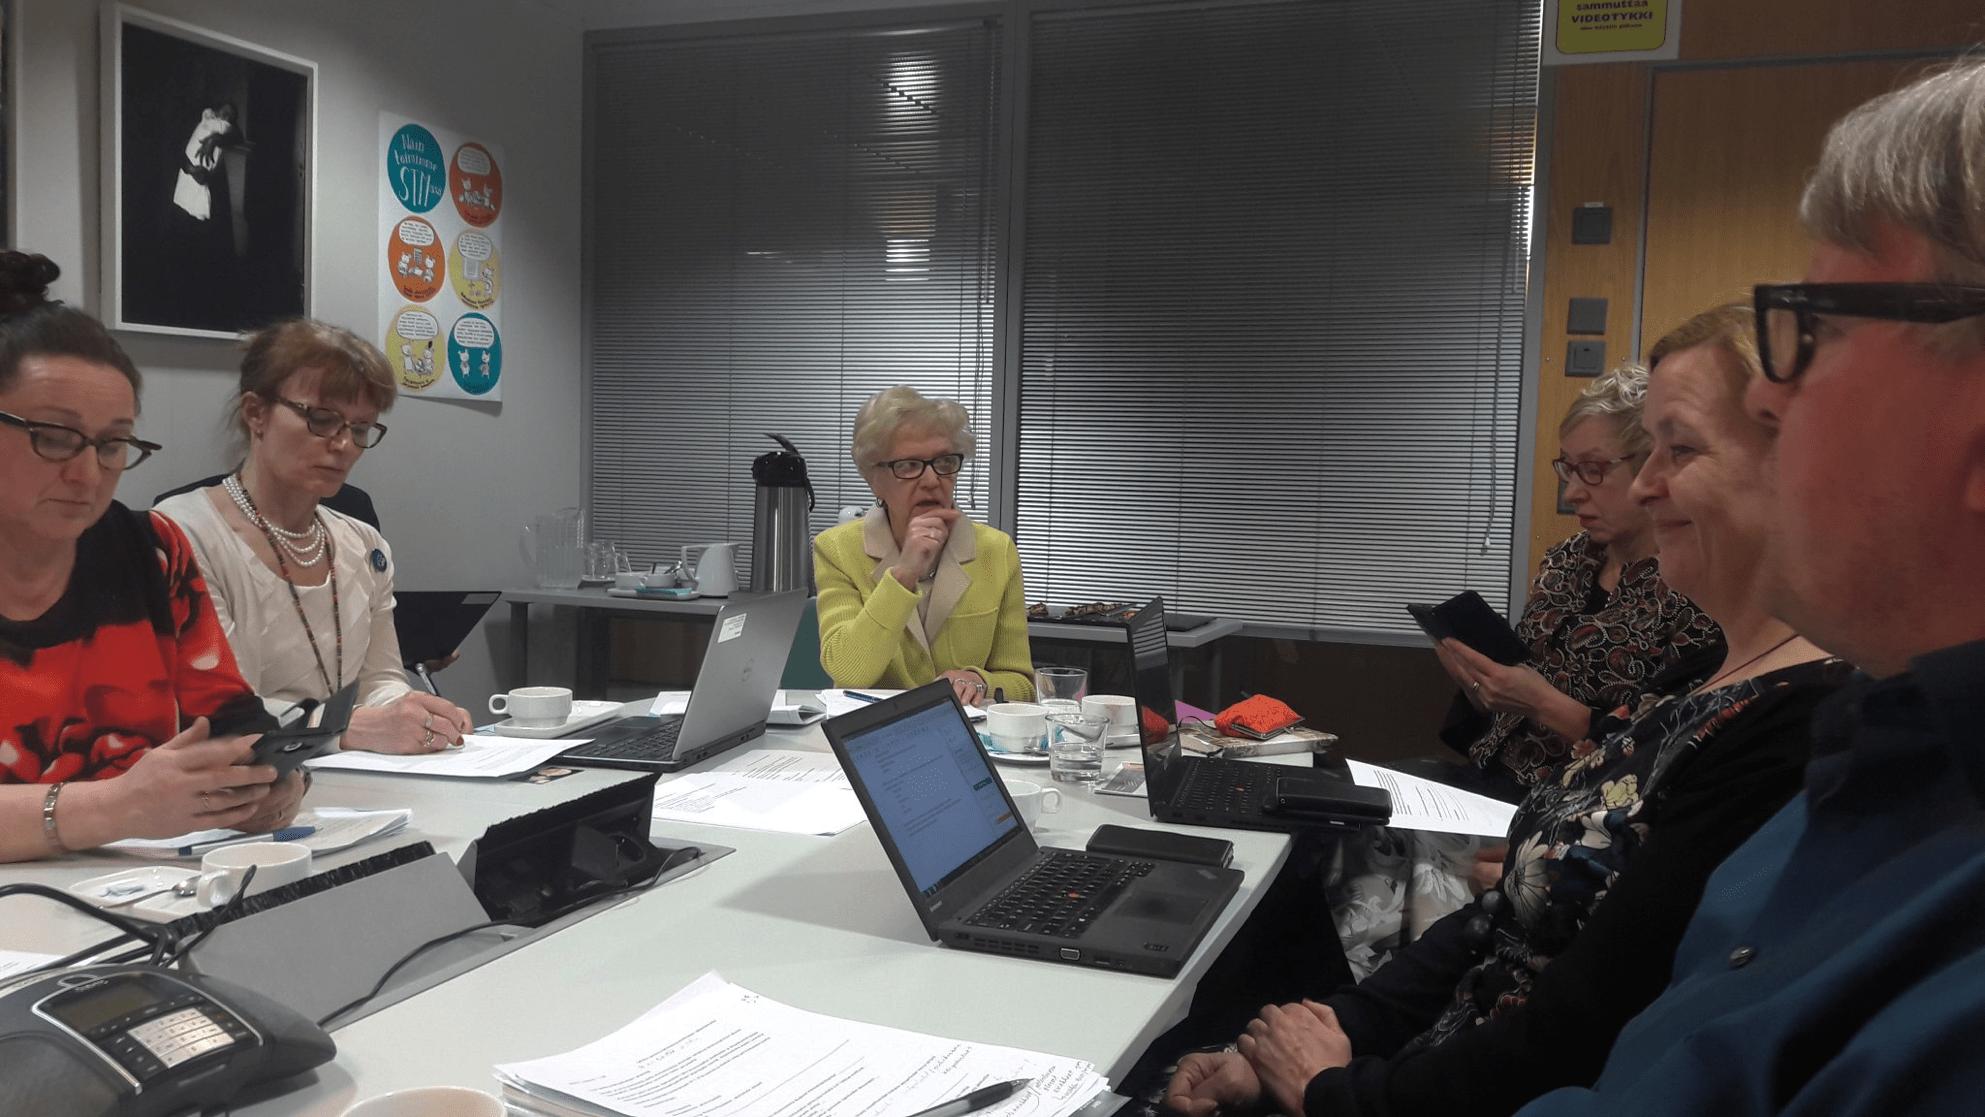 Ylisosiaalineuvos Aulikki Kananoja hakee ratkaisuja lastensuojelun kuormittavuuteen